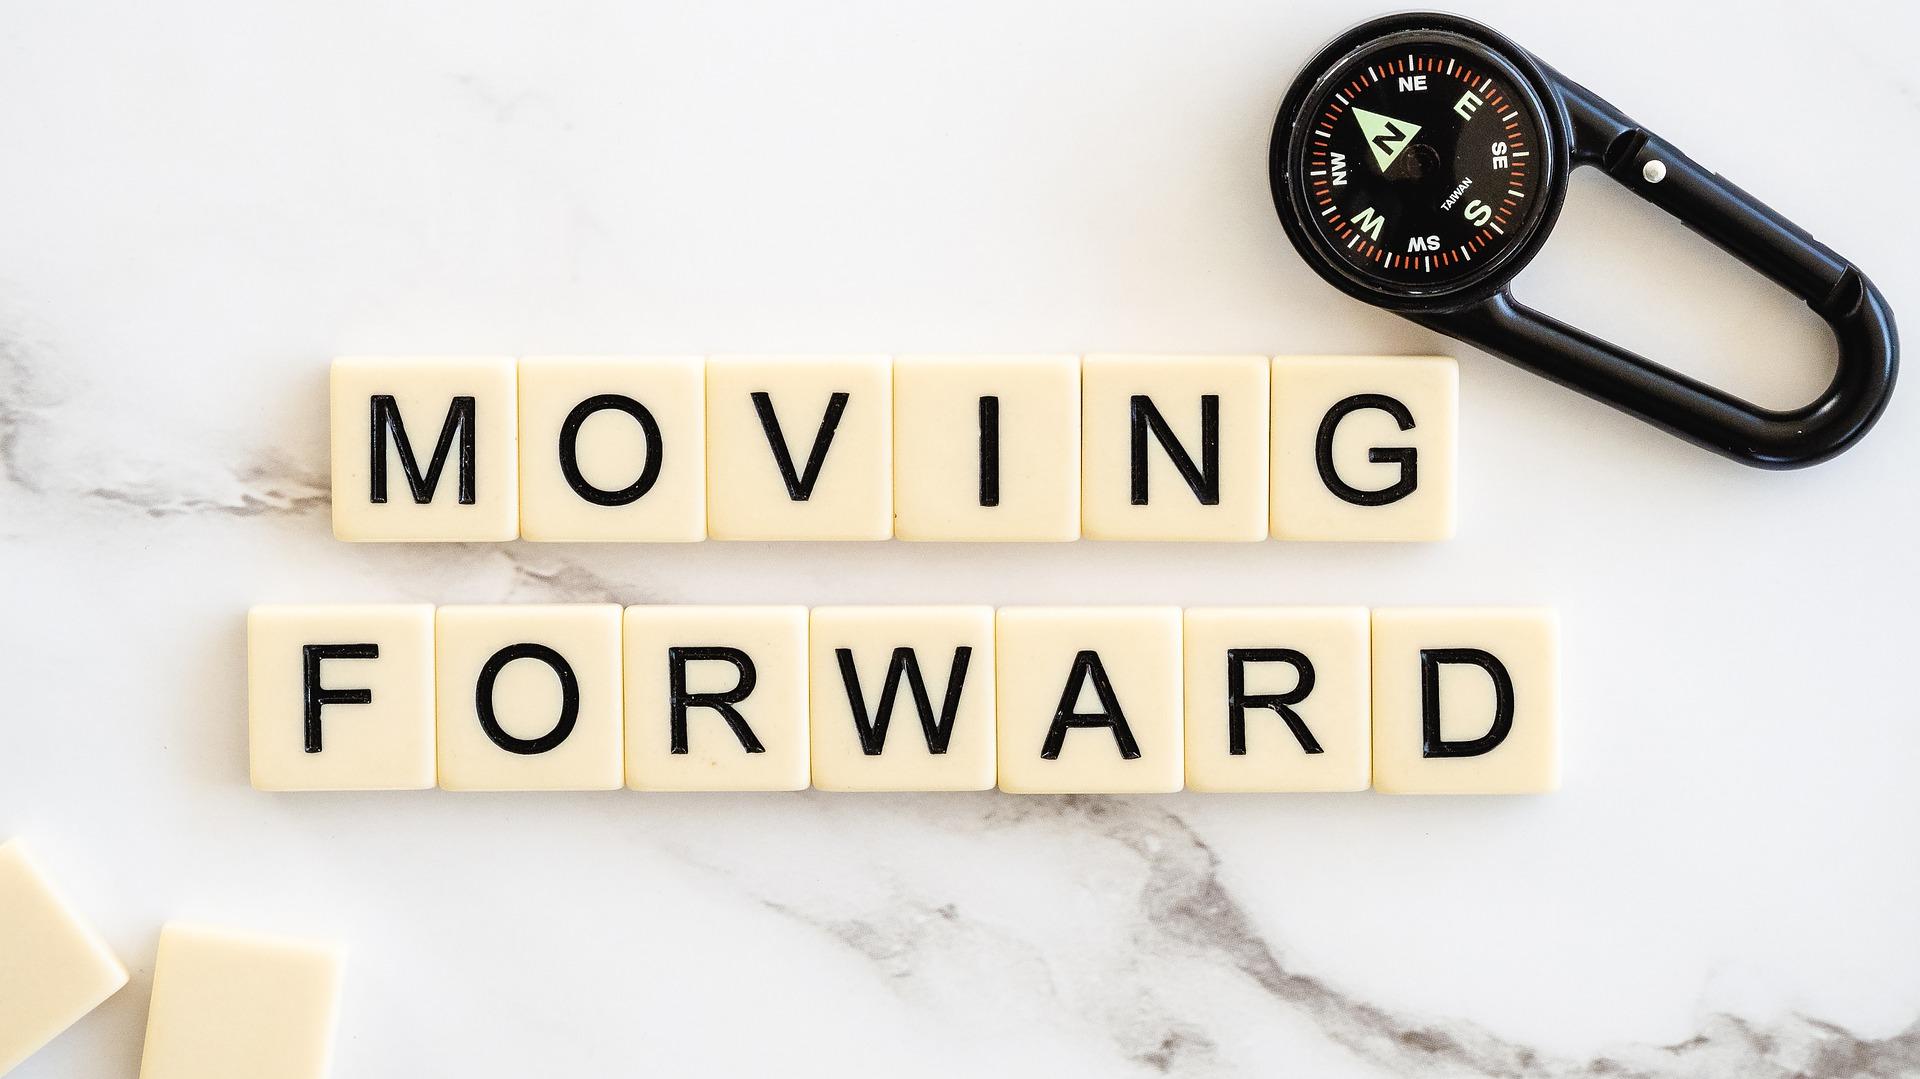 Moving Forward Feb 2020